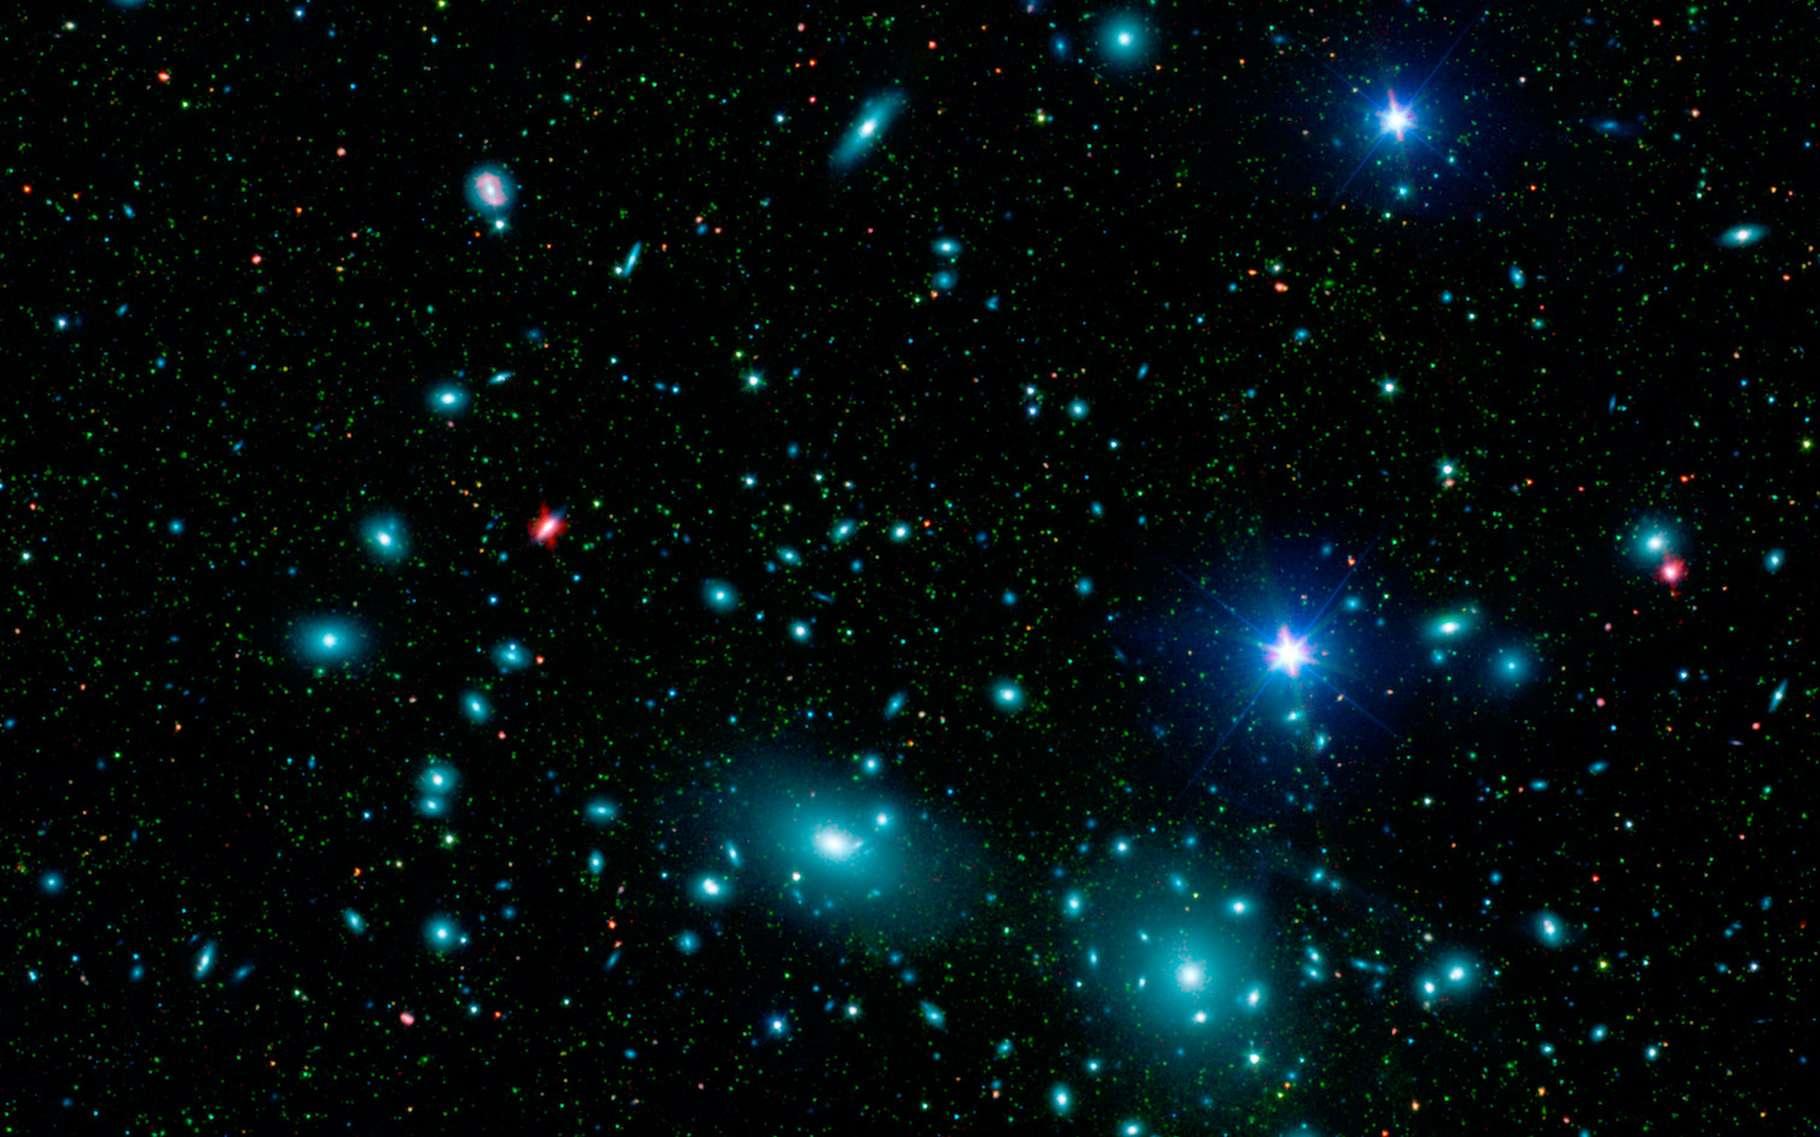 L'amas de Coma — ici en image — est situé à plus de 320 millions d'années-lumière de notre Terre. Ce qui en fait un amas facile à observer. Mais il reste difficile d'y distinguer une galaxie qui aurait 7 milliards d'années d'une autre qui aurait 13 milliards d'années. C'est pourquoi, pour déterminer à quelle période les premières étoiles se sont formées dans l'univers, les astronomes de l'université de Victoria (Canada) ont préféré étudier XLSSC 122, l'un des amas de galaxies les plus éloignés de nous. © L. Jenkins, Nasa, JPL-Caltech